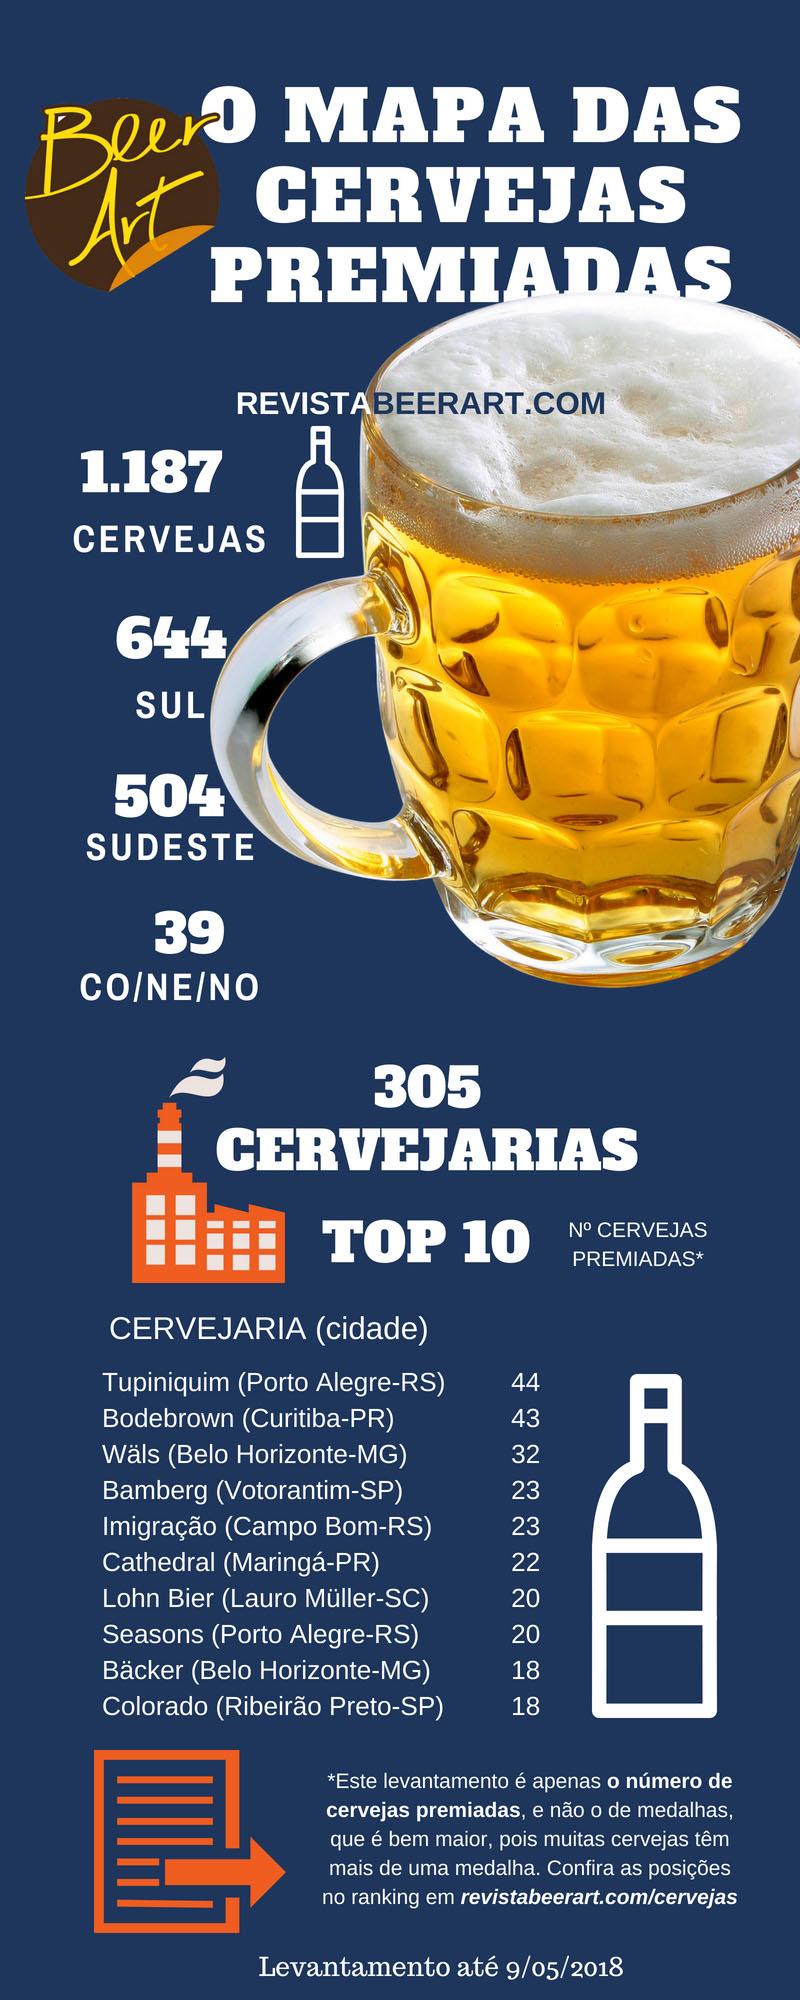 O levantamento por cervejaria está disponível abaixo. Para conferir todas as cervejas premiadas reunidas no levantamento, assim como os concursos considerados, entre em  revistabeerart.com/cervejas